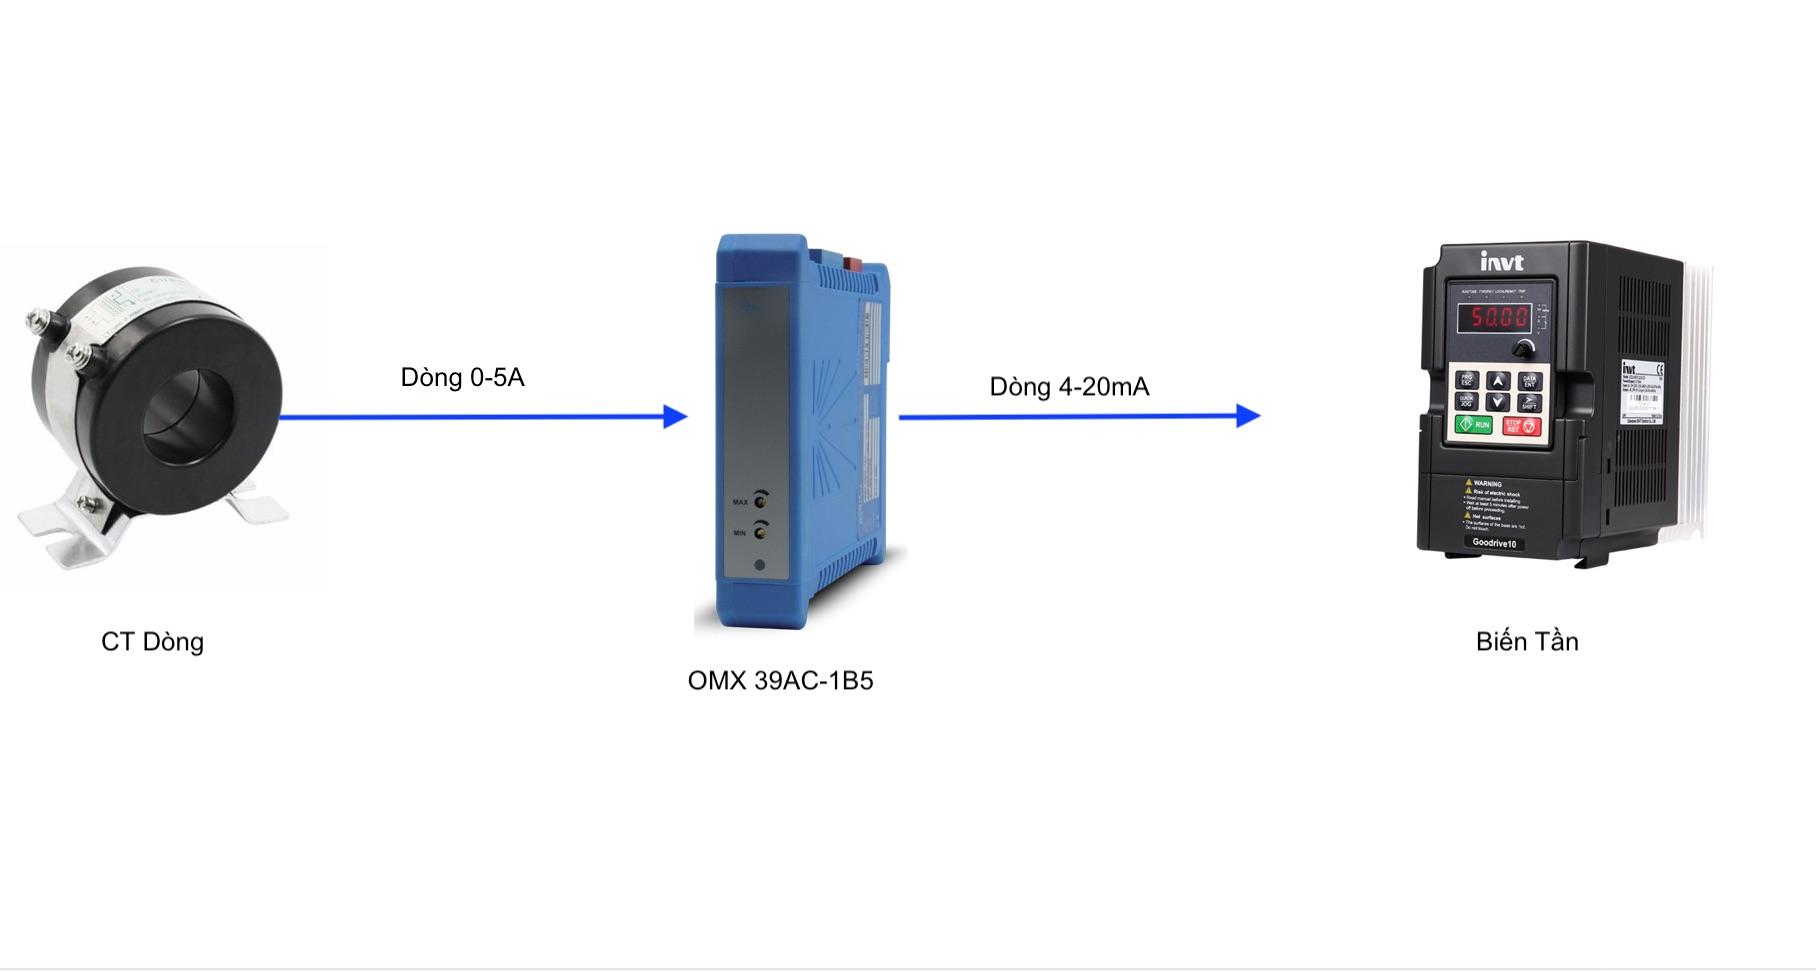 Ứng dụng Bộ chuyển dòng điện 0-5A sang 4-20mA